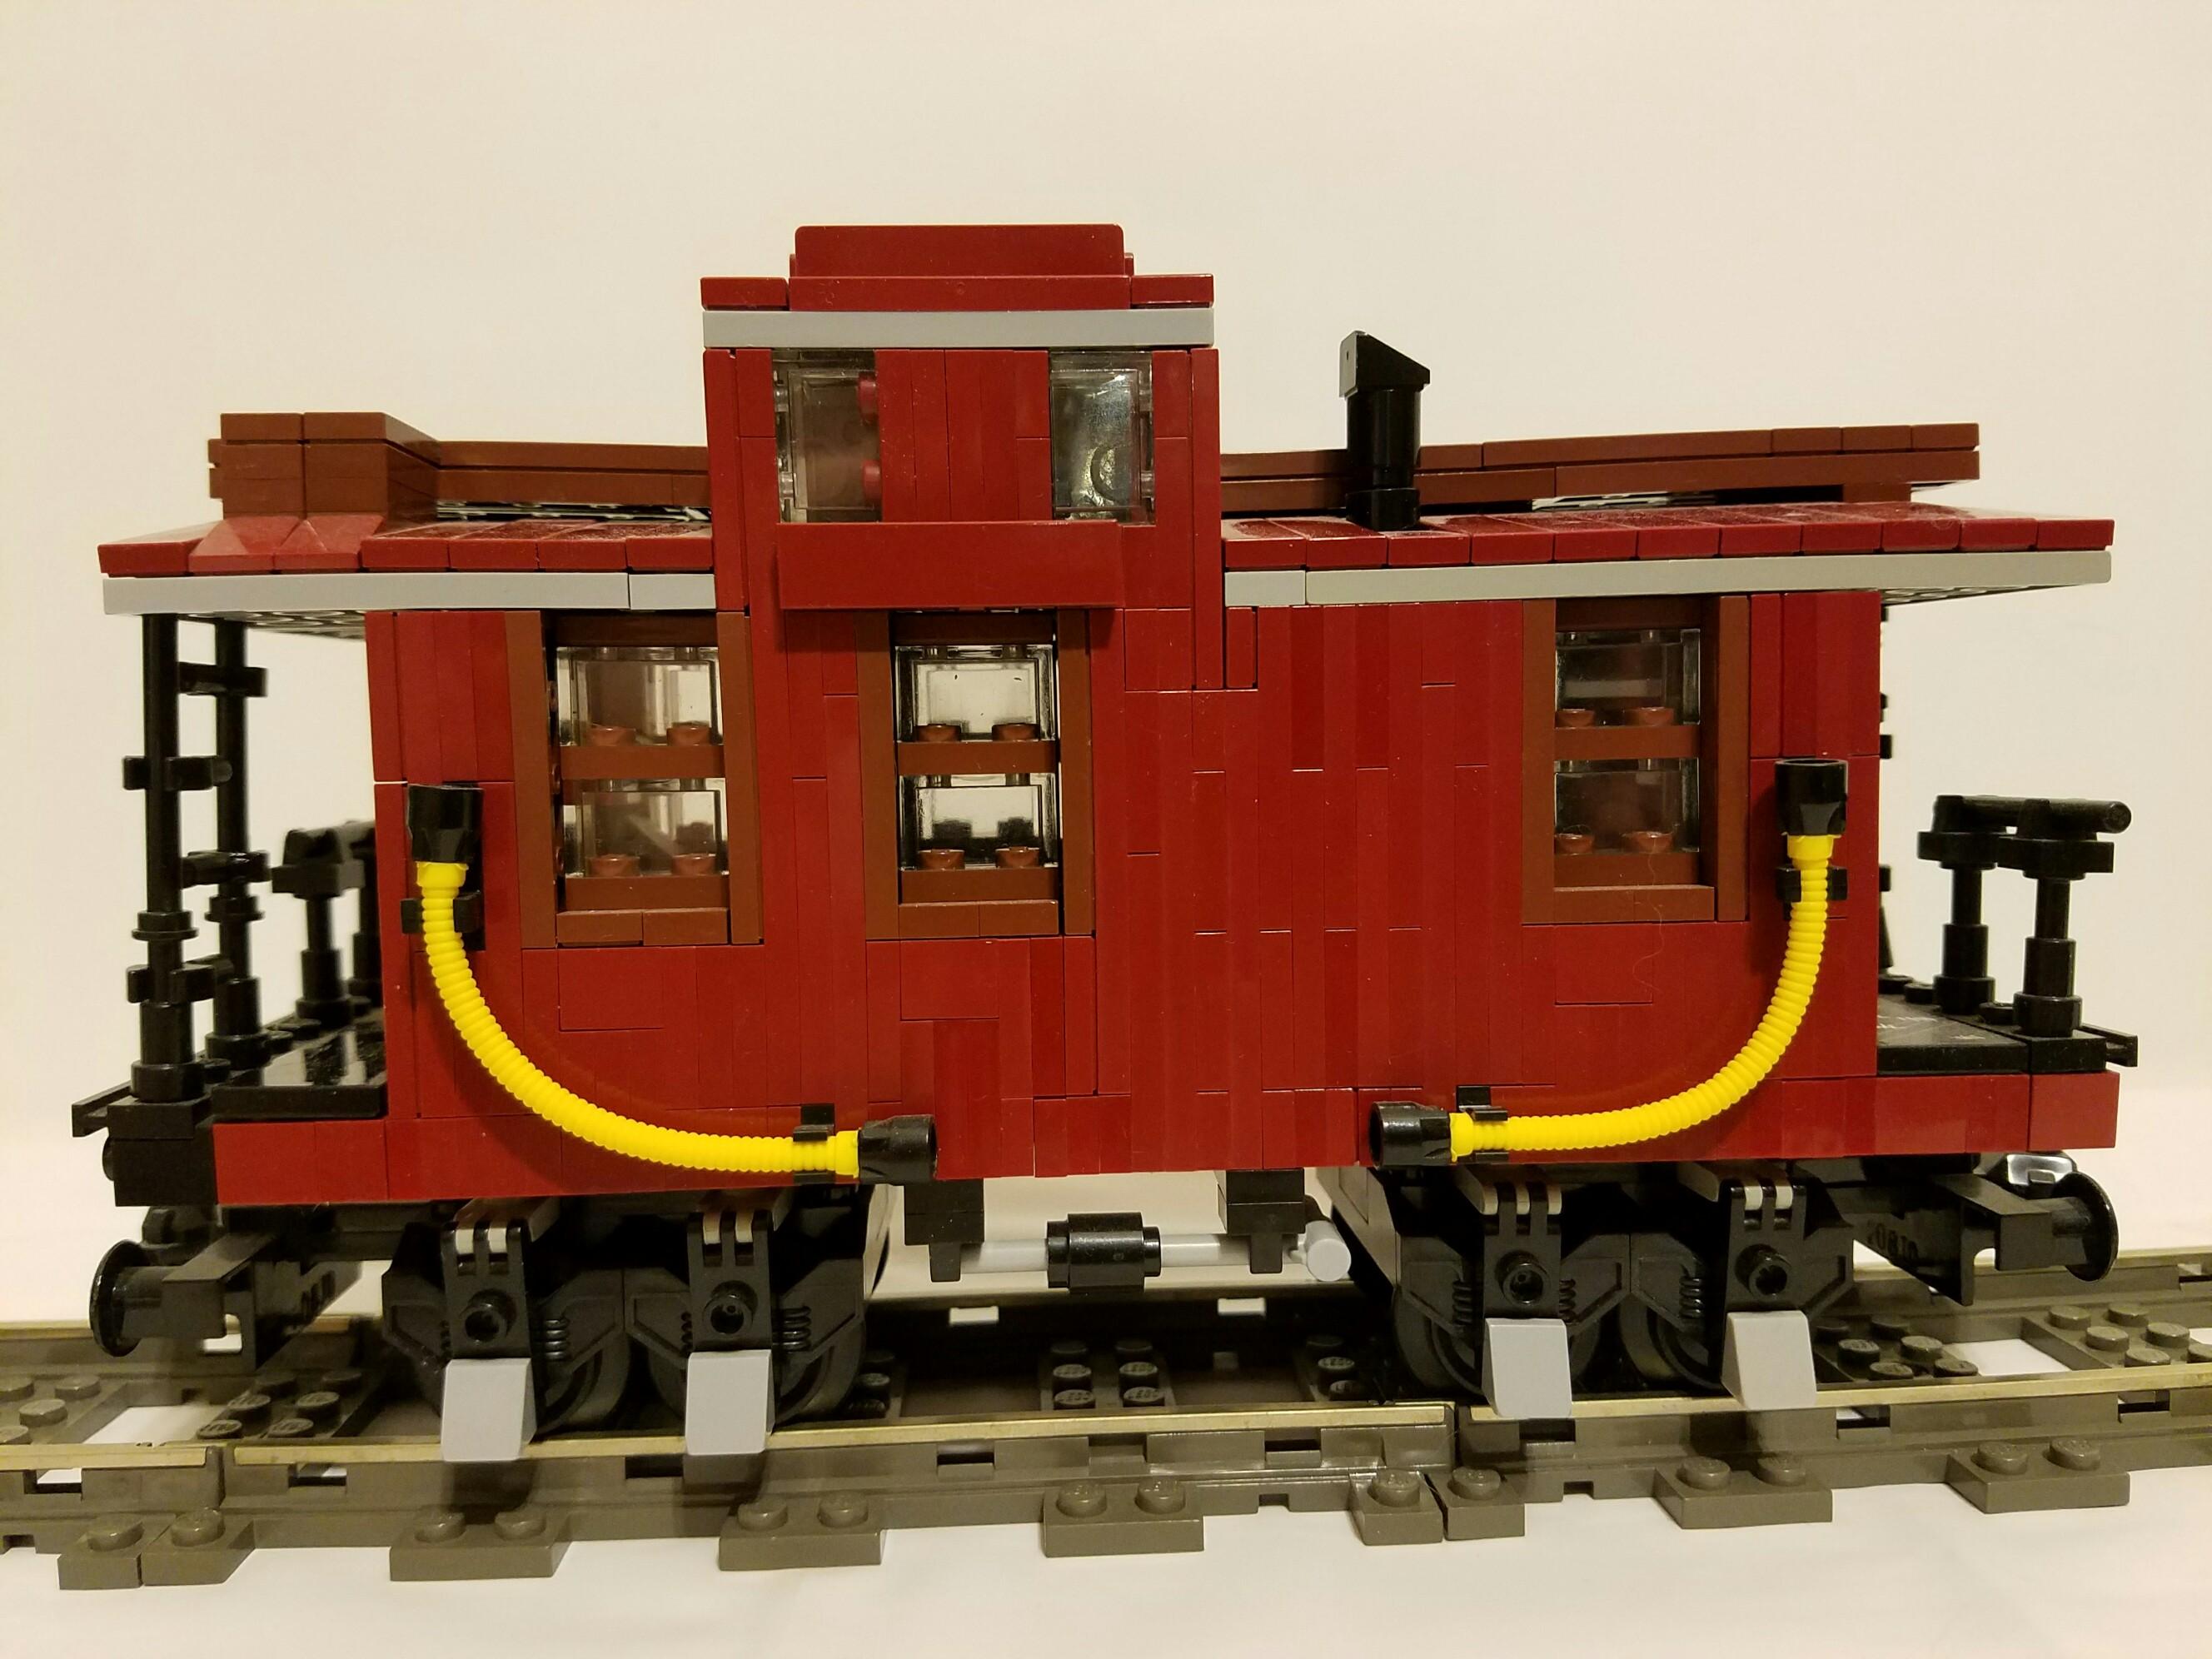 caboose_1-2656x1992.jpg